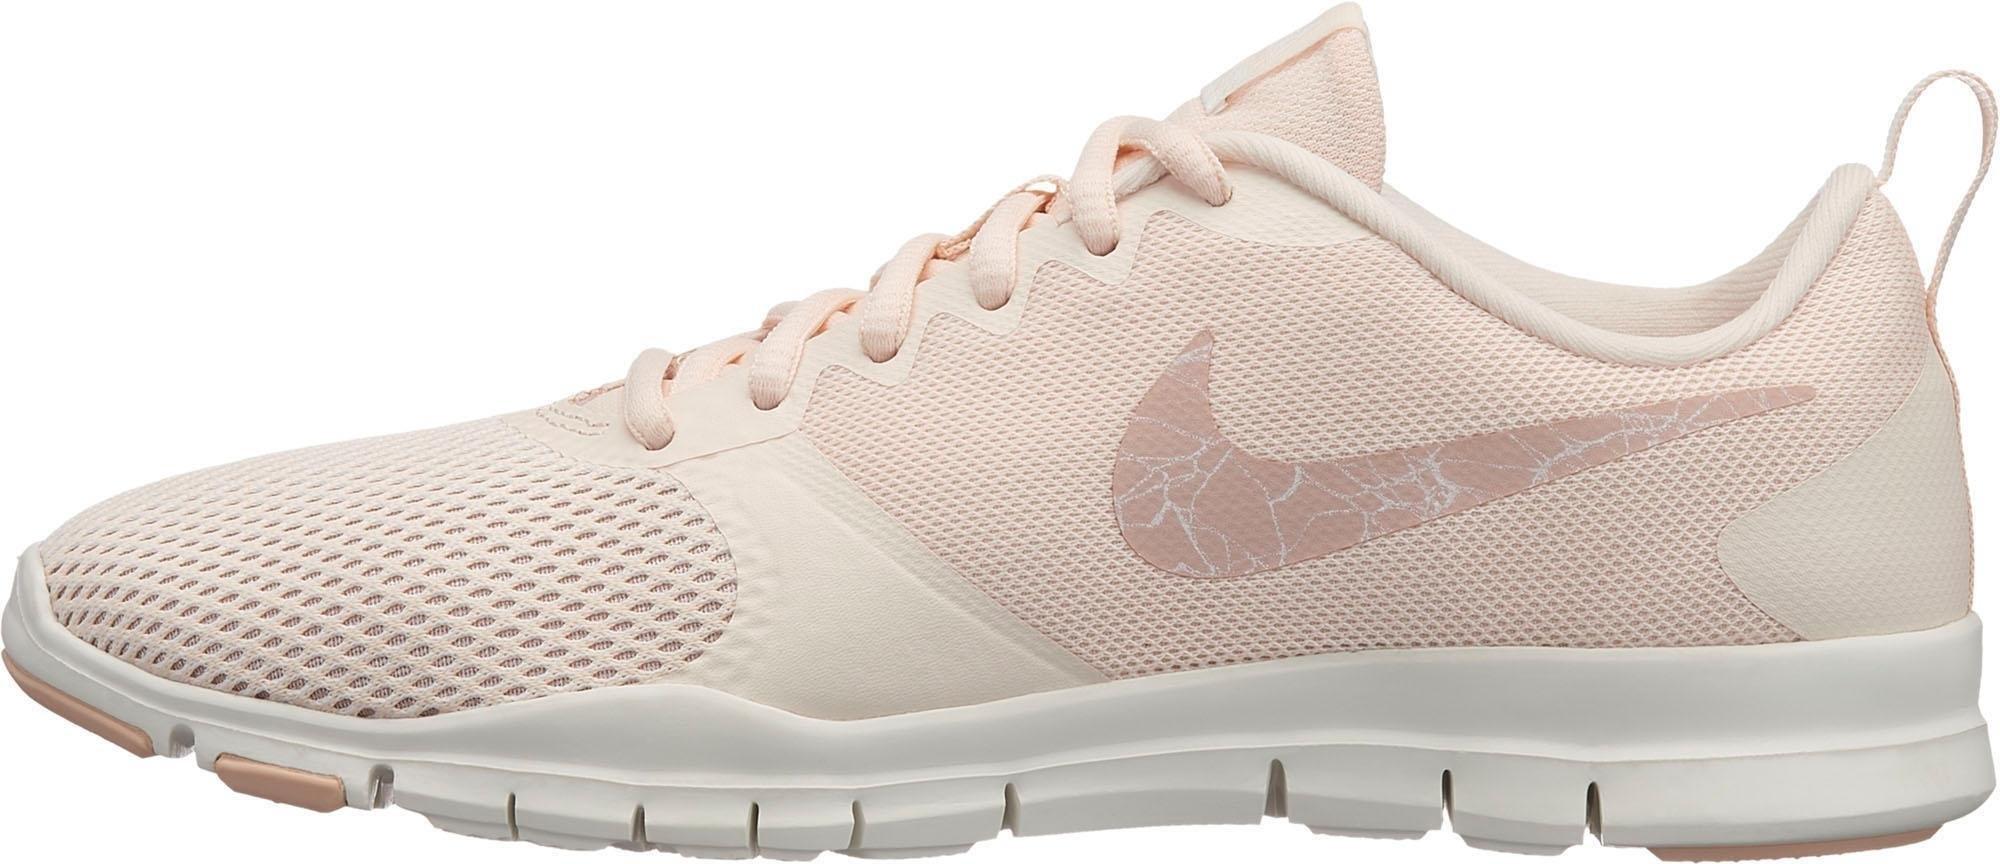 Nike fitnessschoenen »Wmns Flex Essential« bestellen: 30 dagen bedenktijd